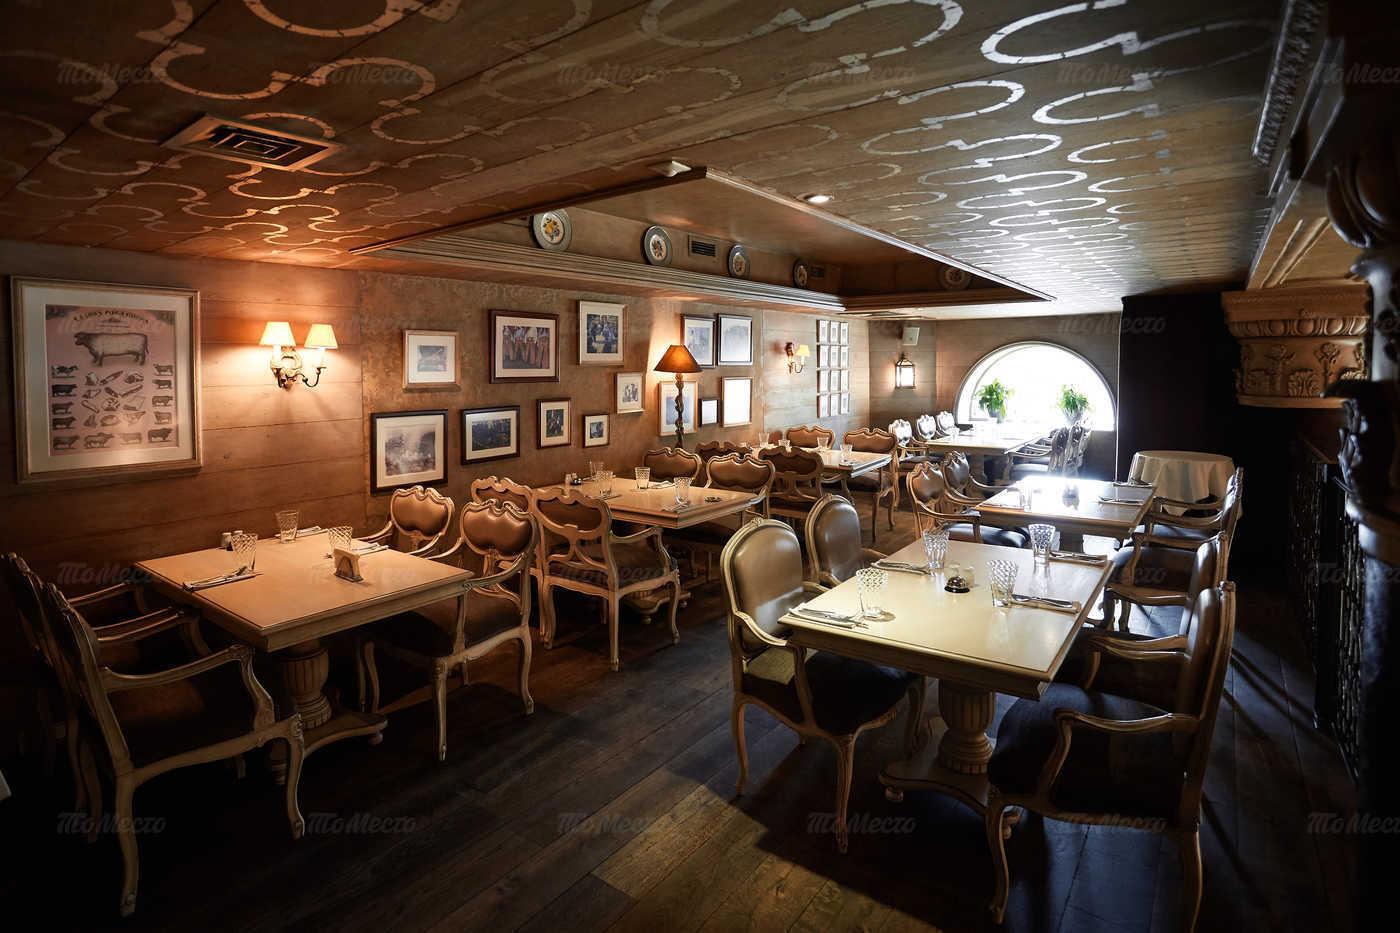 Меню ресторана Эль Гаучо (El Gaucho) на Садовой-Триумфальной улице